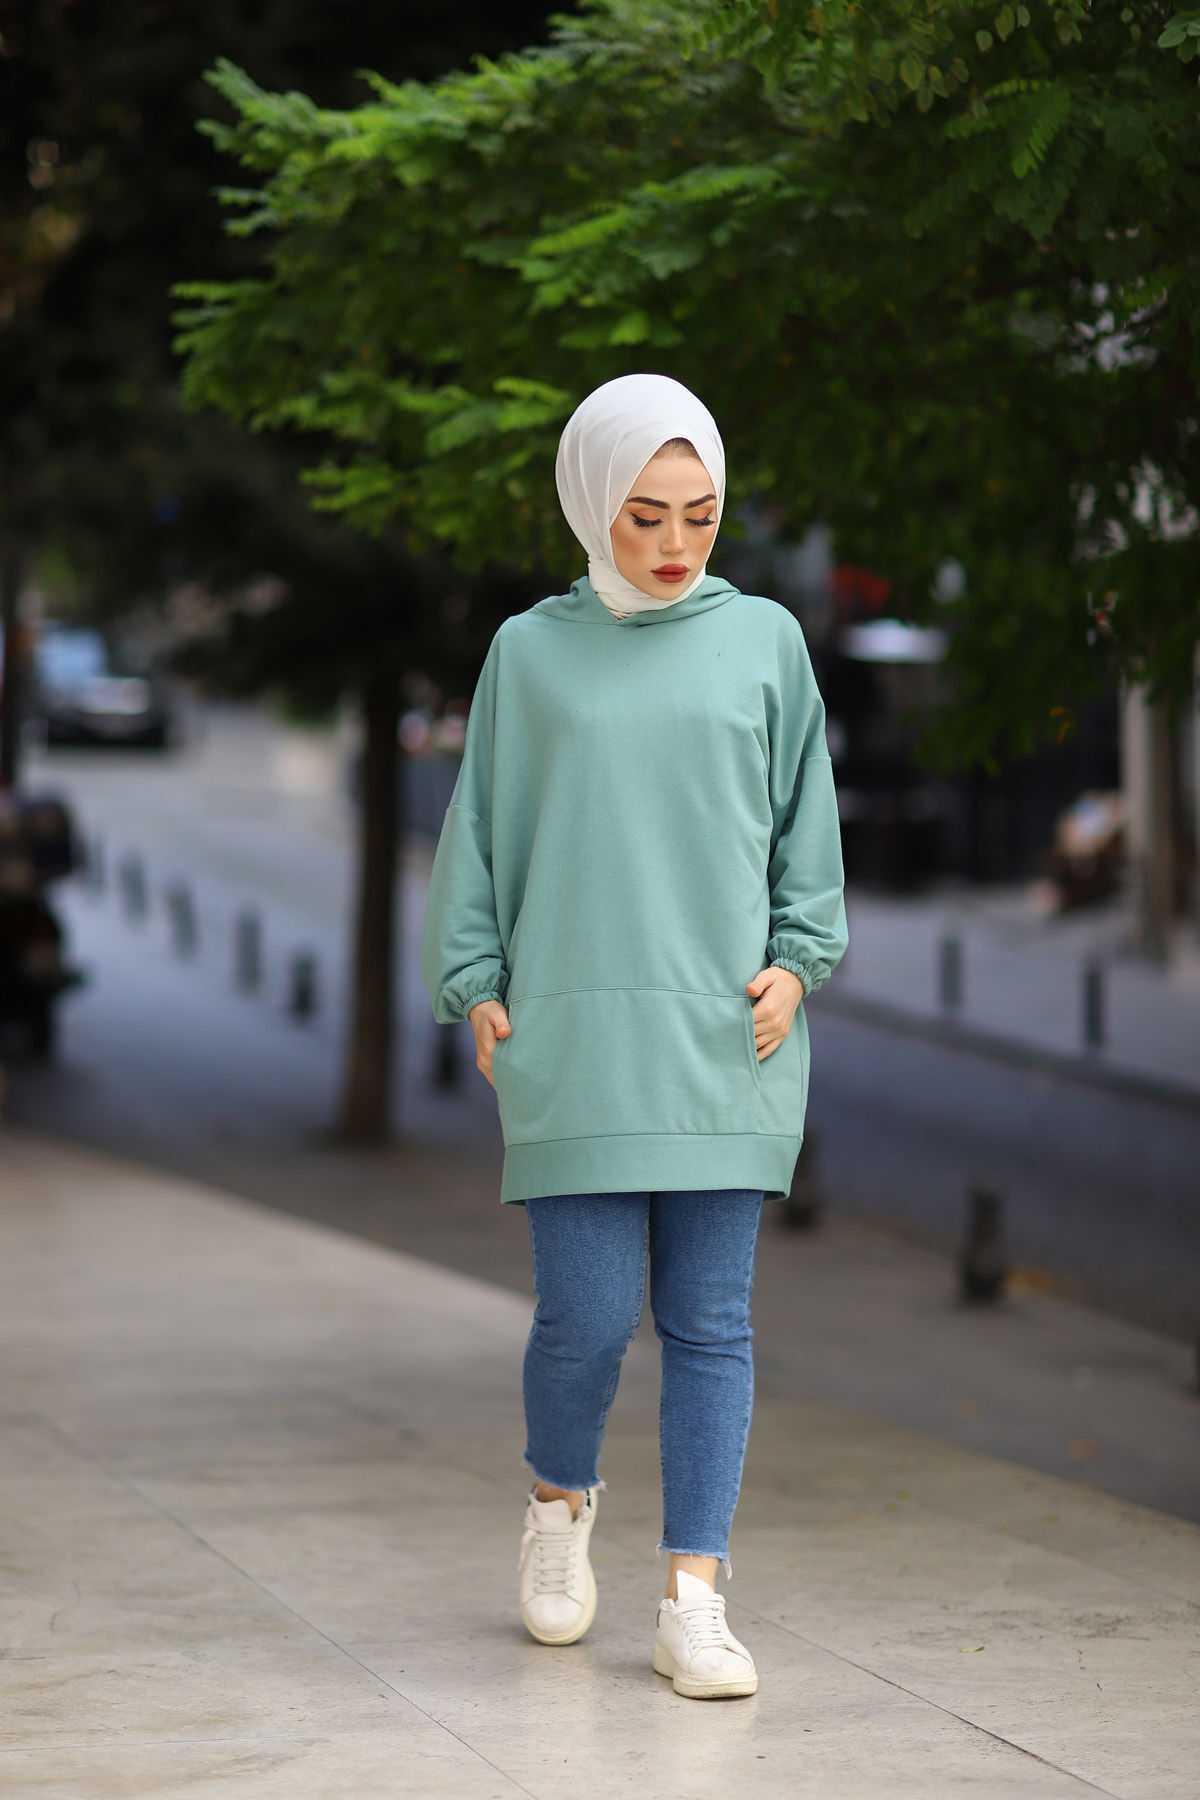 Eliza Moda Tesettür Mint Yeşili Sweat Modası